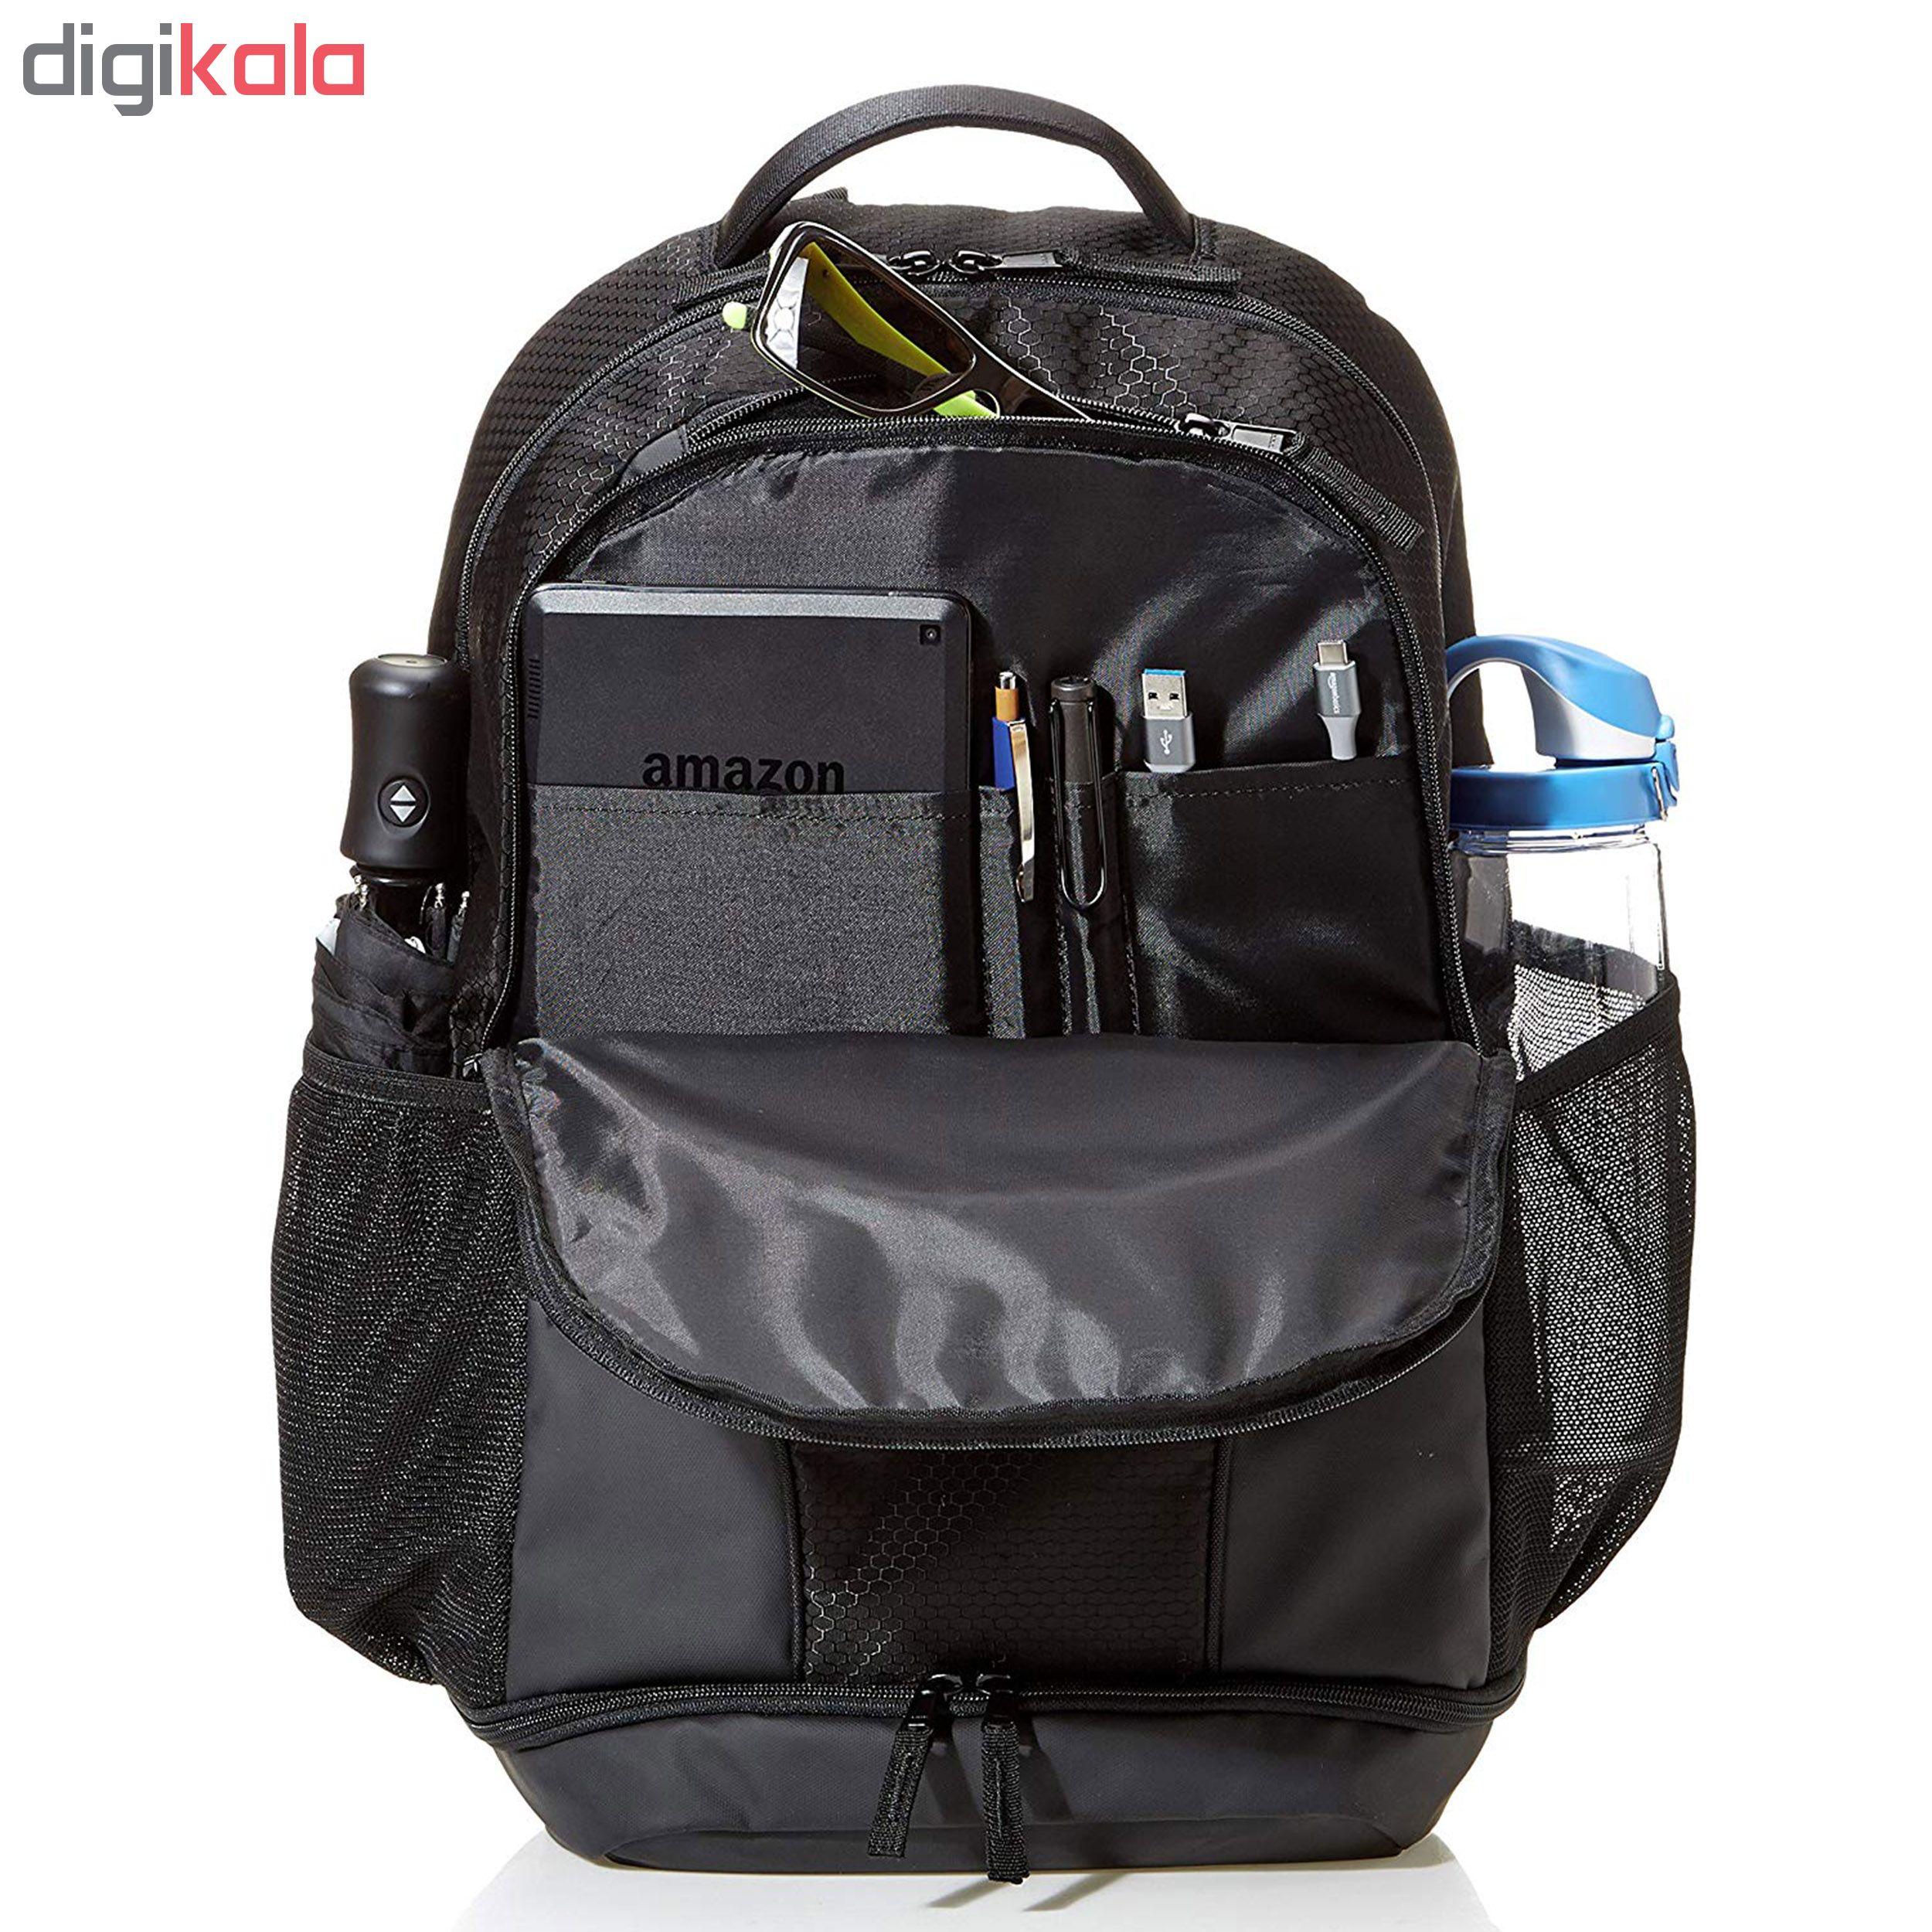 کوله پشتی لپ تاپ آمازون بیسیکس مدل ZH1802045R1 مناسب برای لپ تاپ 15.6 اینچی